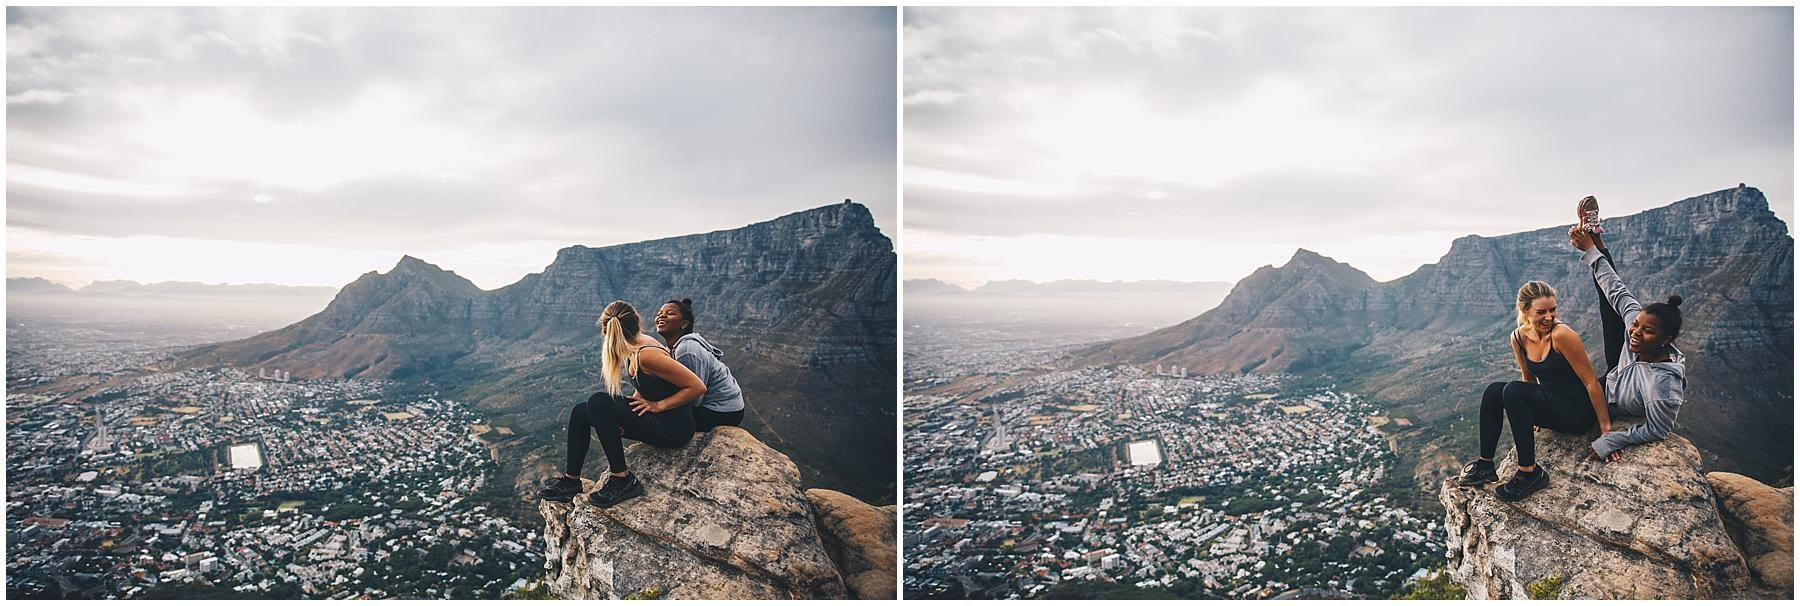 Cape Town_Lions Head_0004.jpg